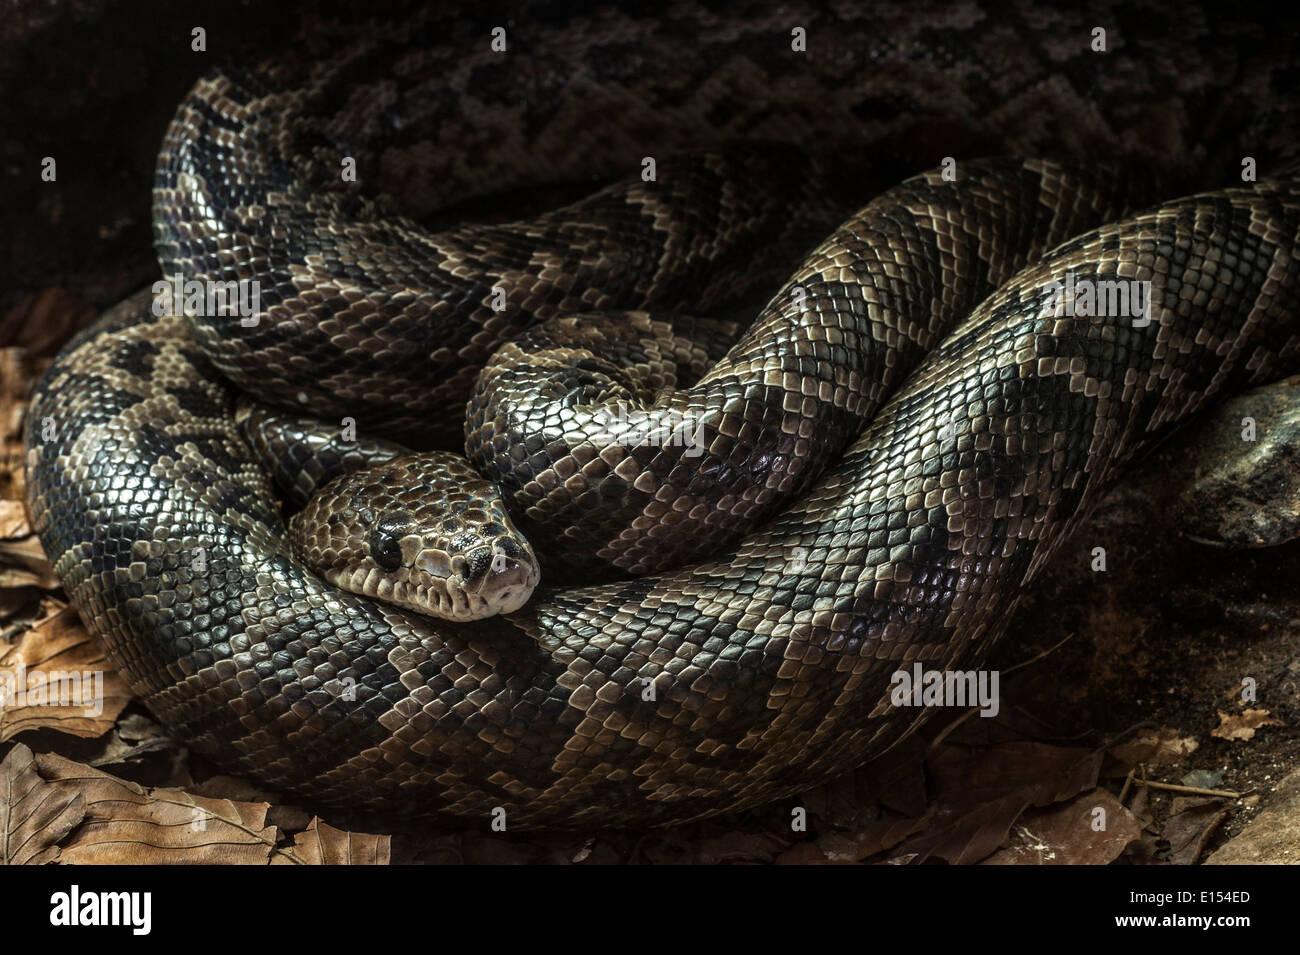 Kubanische Boa (Epicrates Angulifer / Chilabothrus Angulifer) ruhen zusammengerollt, stammt aus Kuba und die Bahamas Stockbild